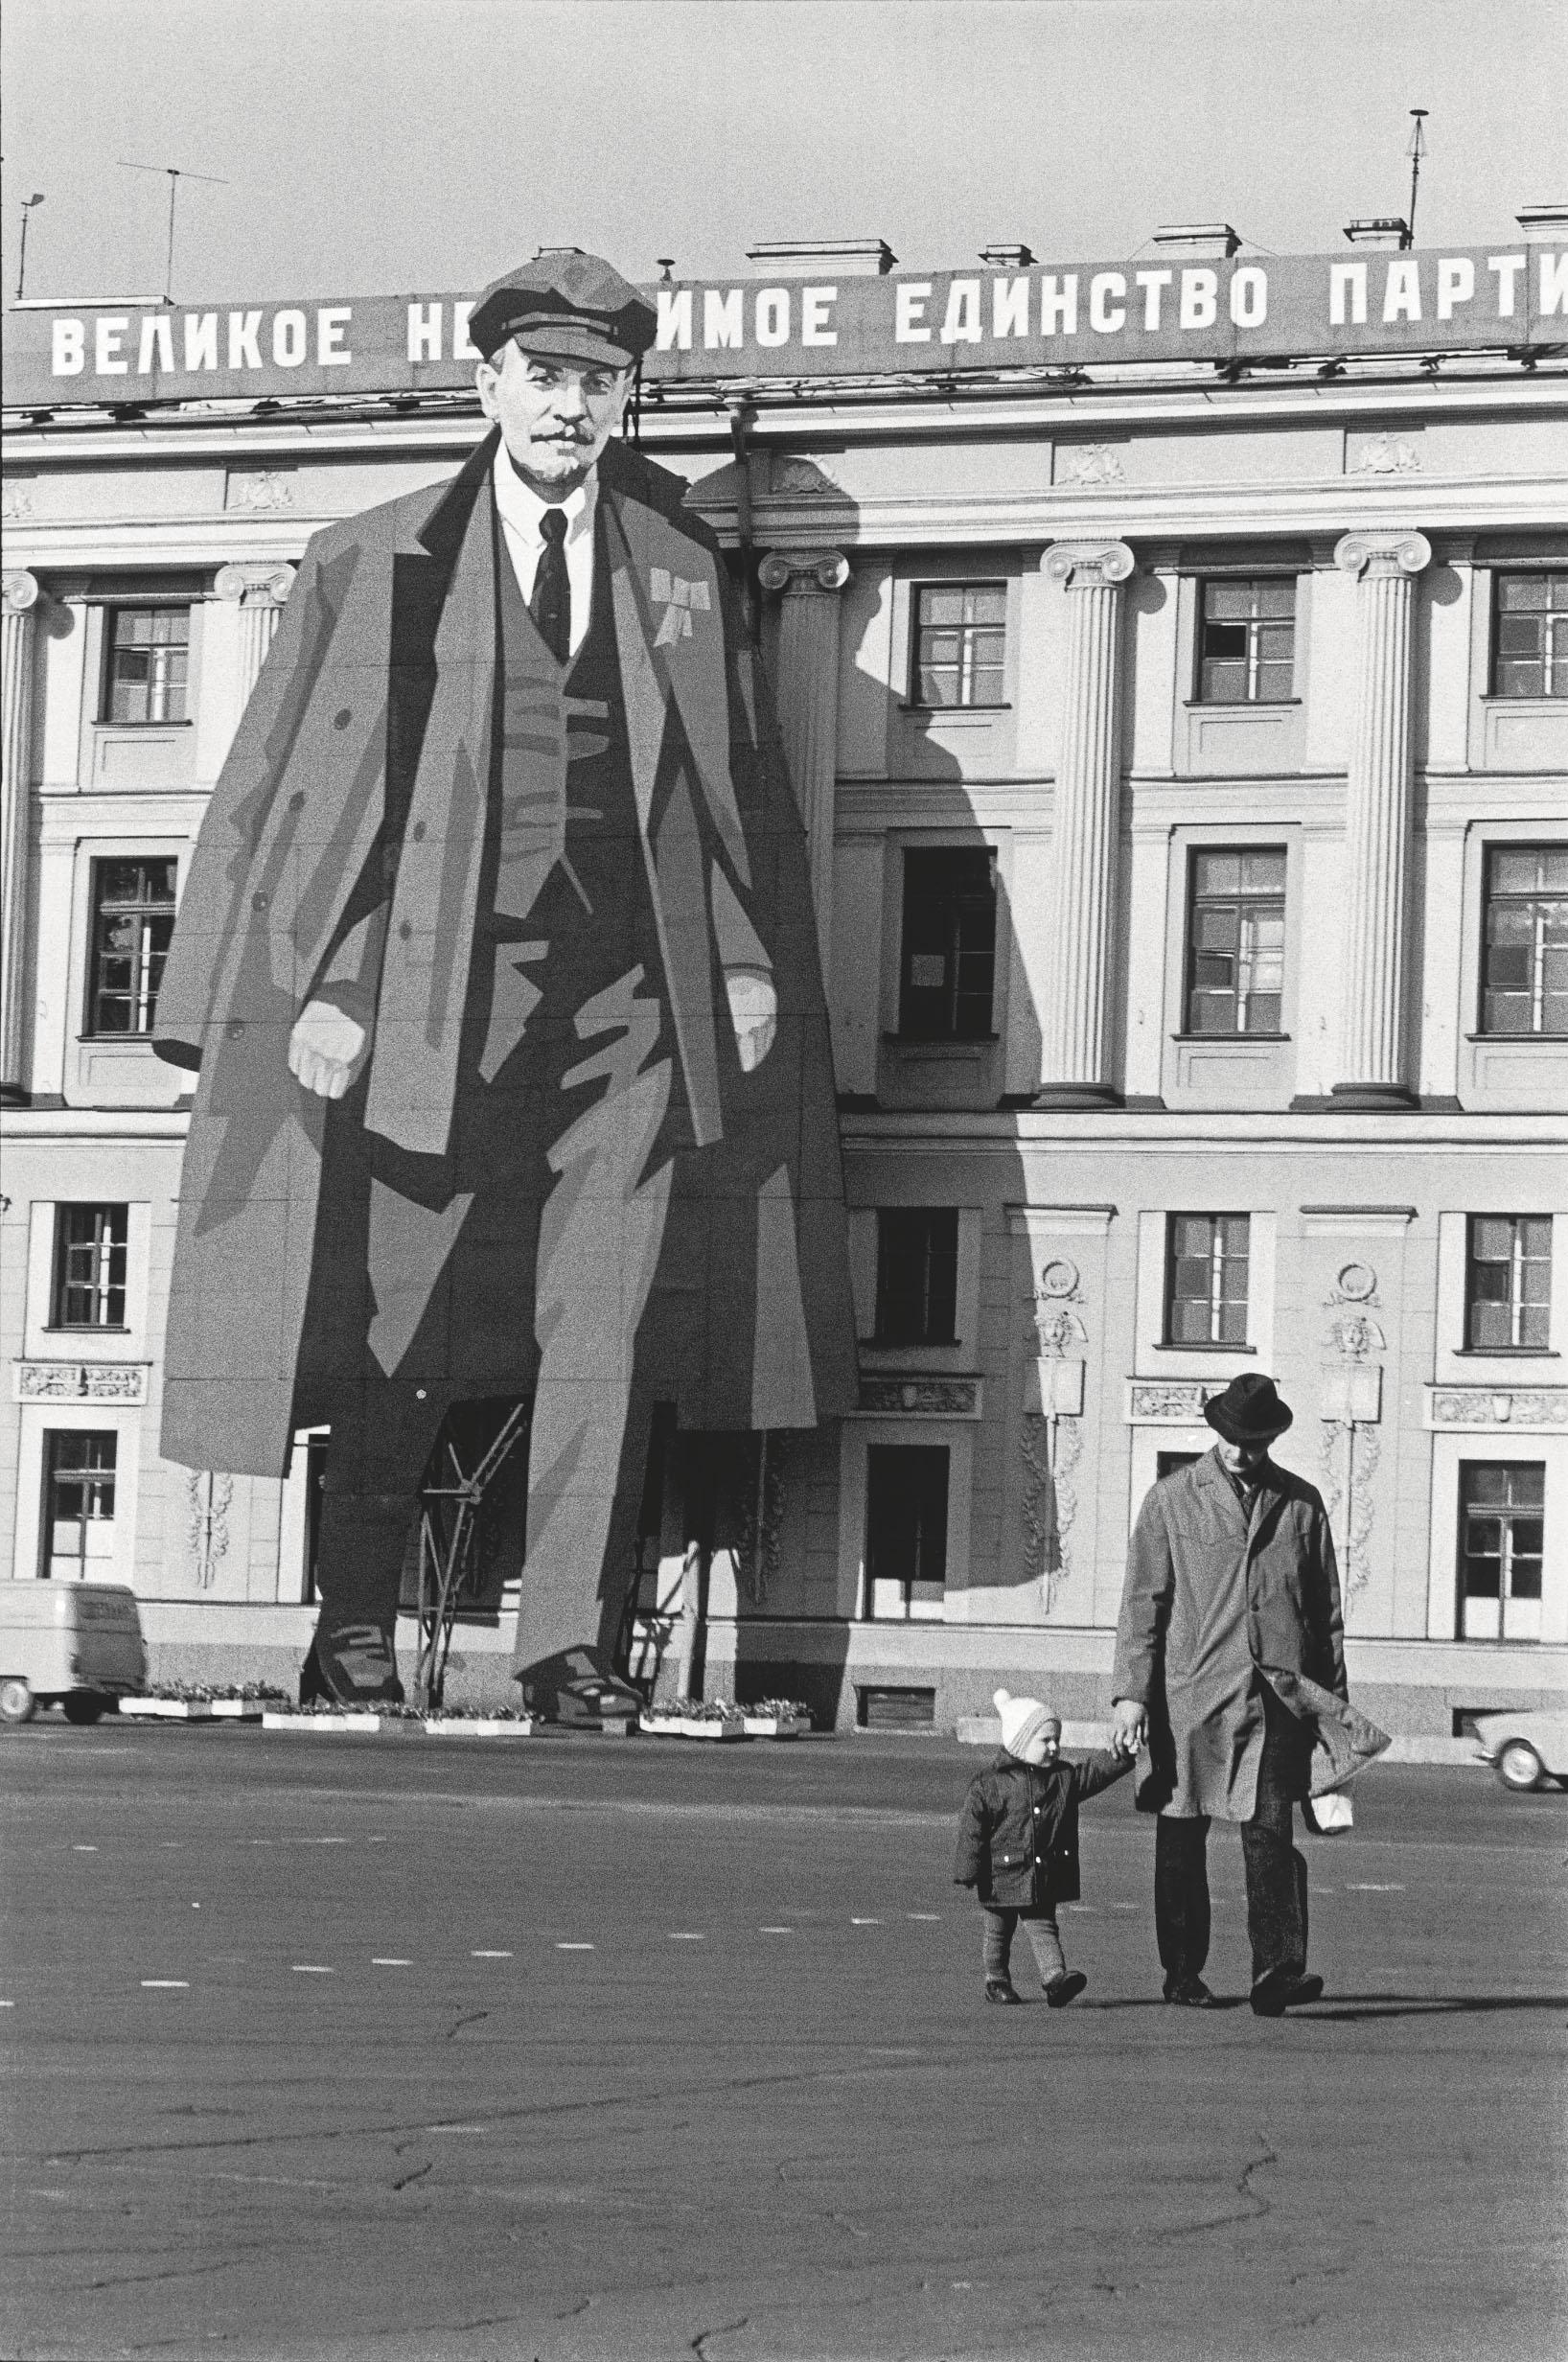 Портрет Ленина нафасаде здания Штаба Гвардейского корпуса. Ленинград, СССР, 1973